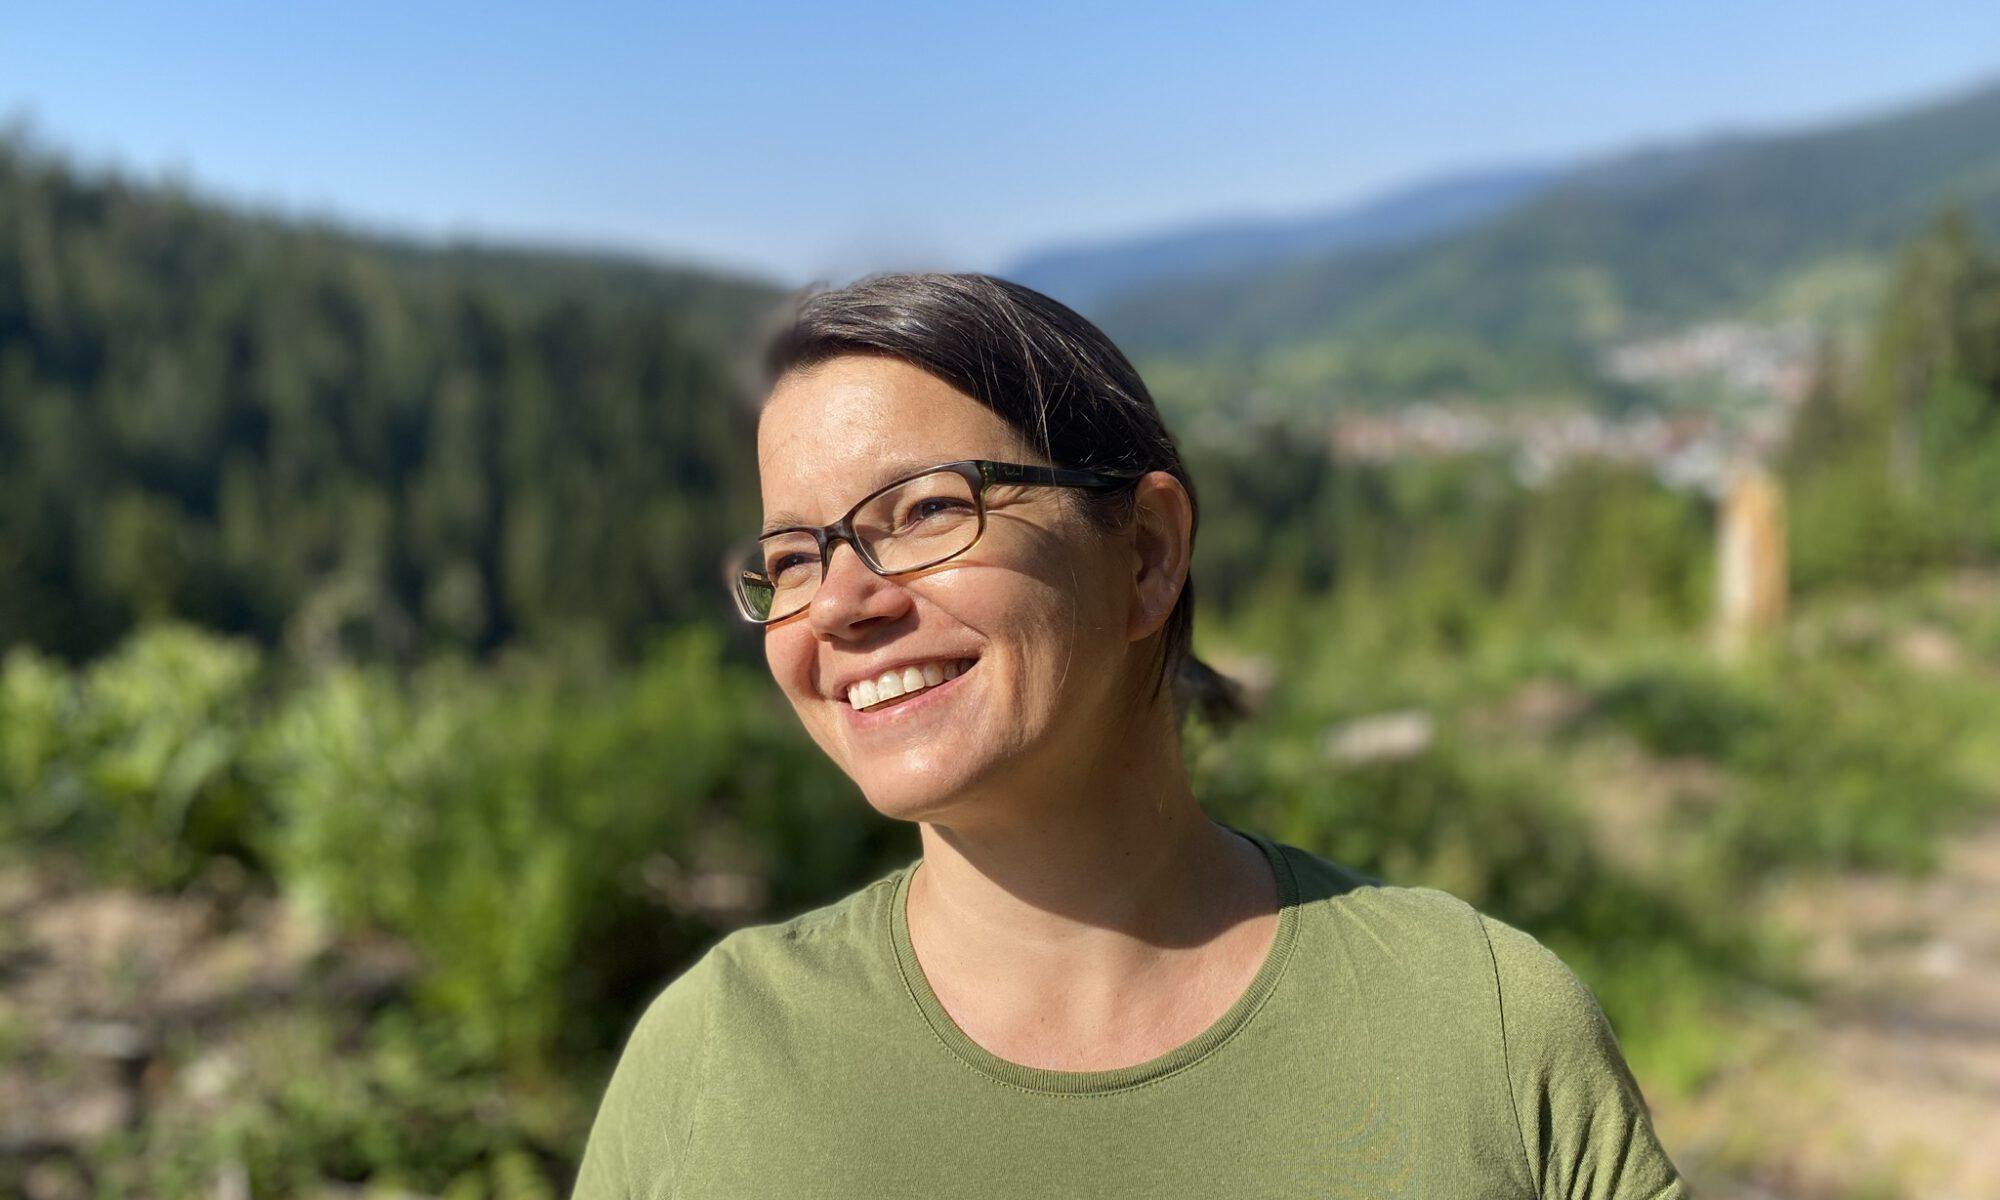 Kräuterpädagogin Corinna Plege